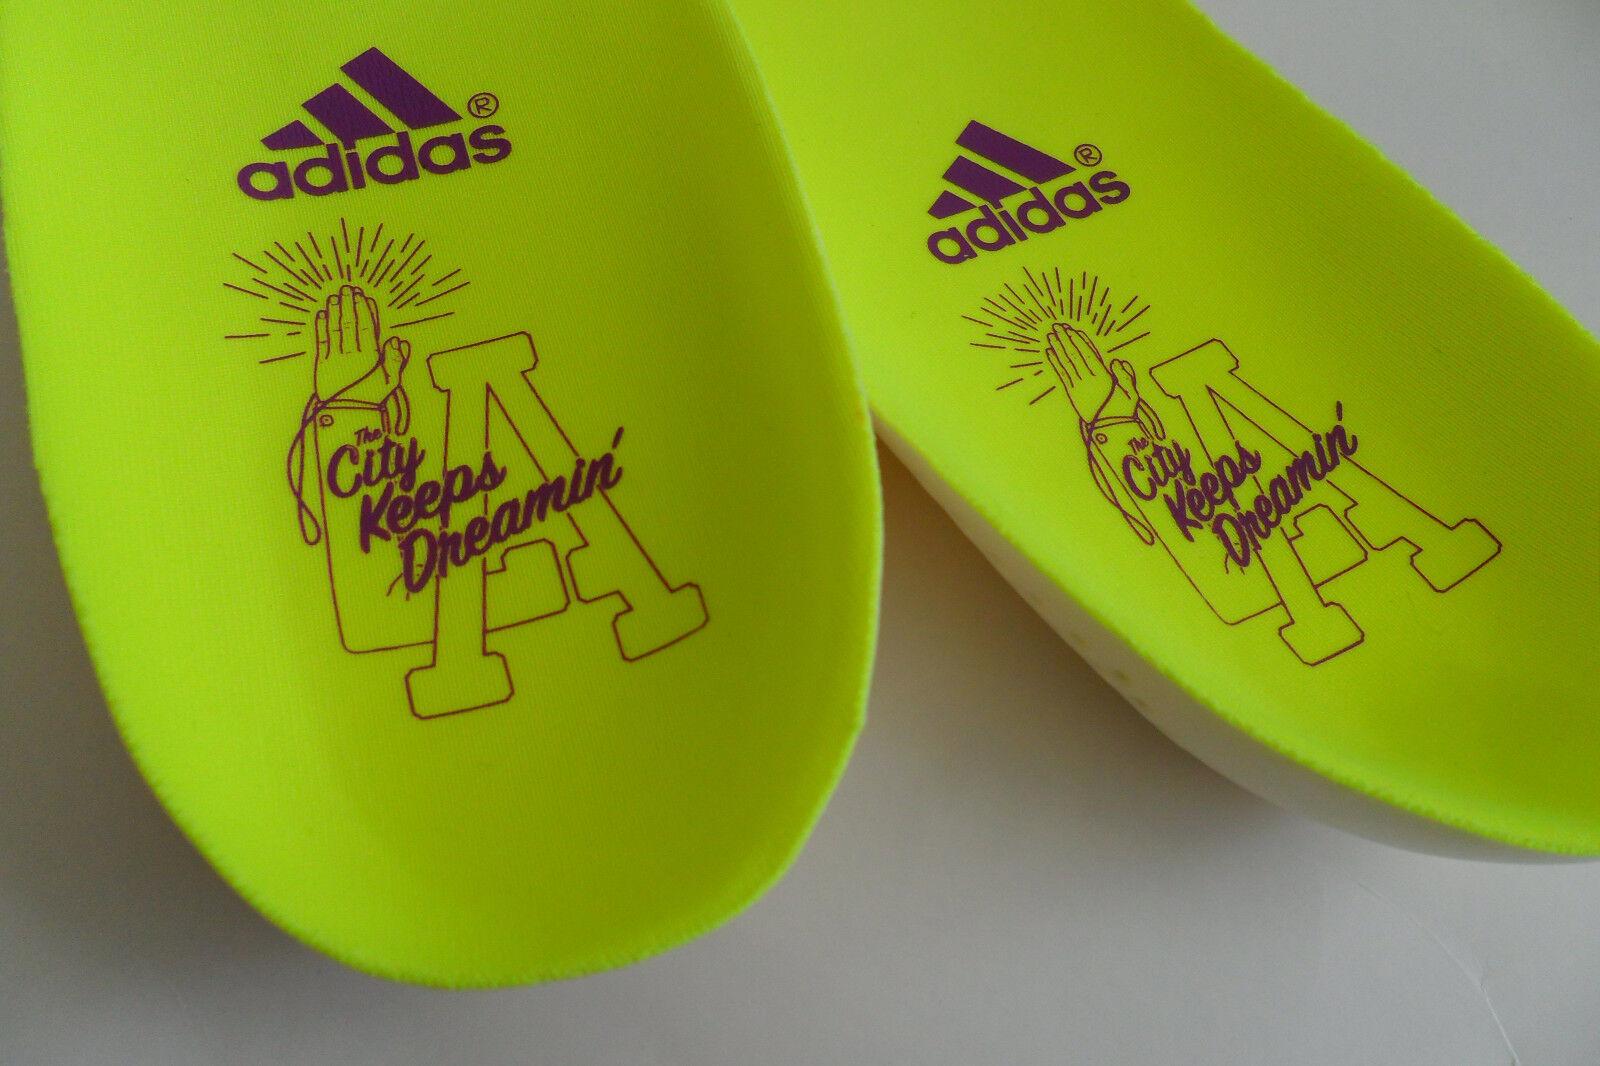 Neue  adidas zehn 2000 la traum stadt - verrückt basketball - schuhe - stadt mens sz eqt 8 9 0d6fcf